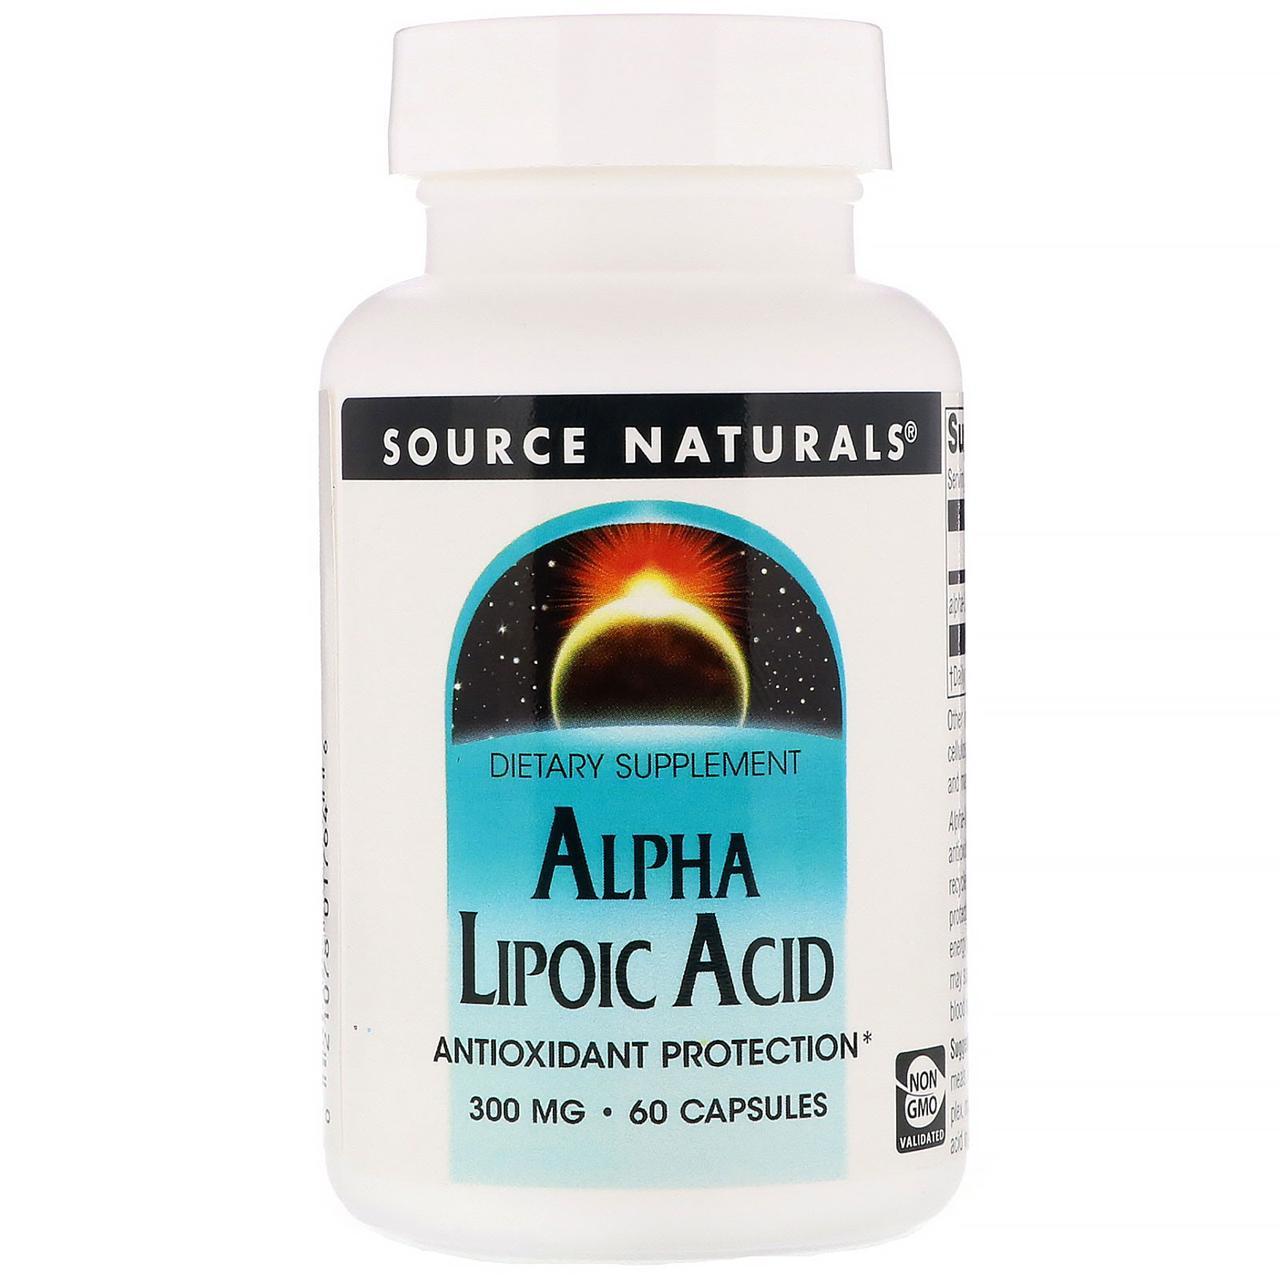 Альфа-липоевая кислота, Source Naturals, 300 мг, 60 кап.